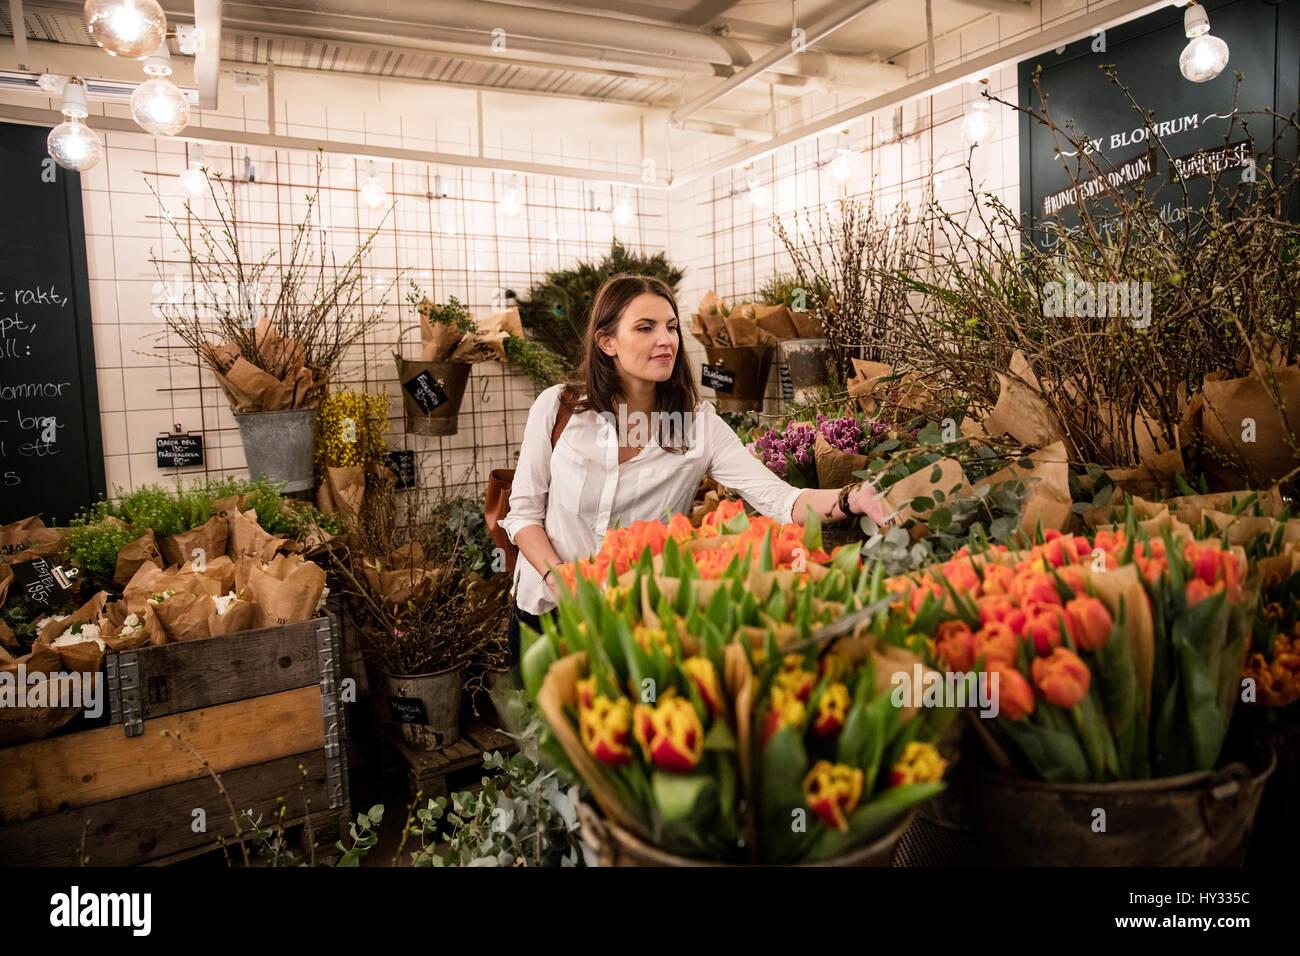 Sweden, Woman choosing flowers in shop - Stock Image